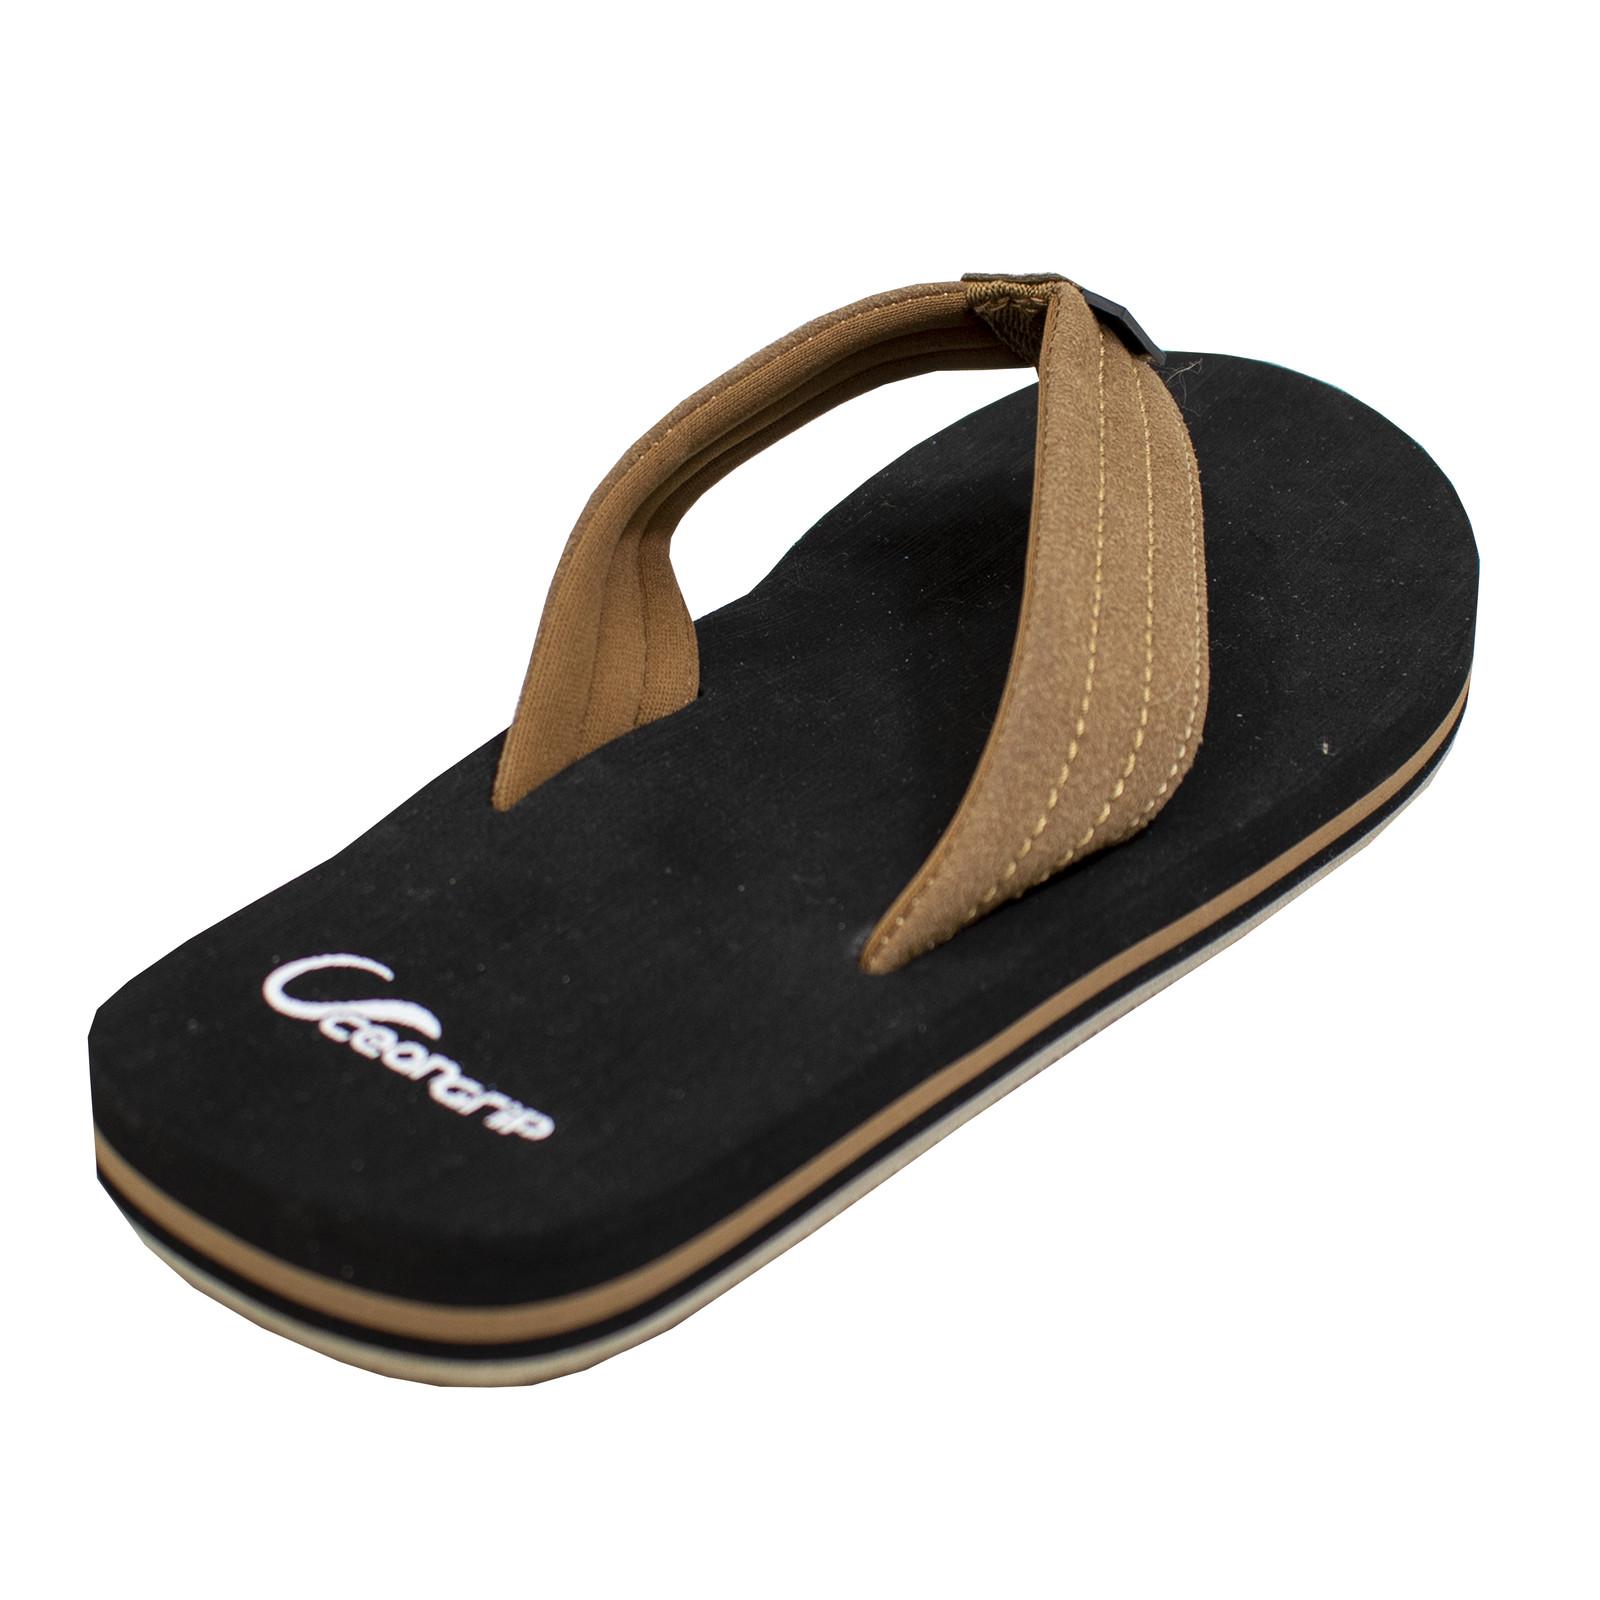 OceanGrip Angler Sandal Black-large